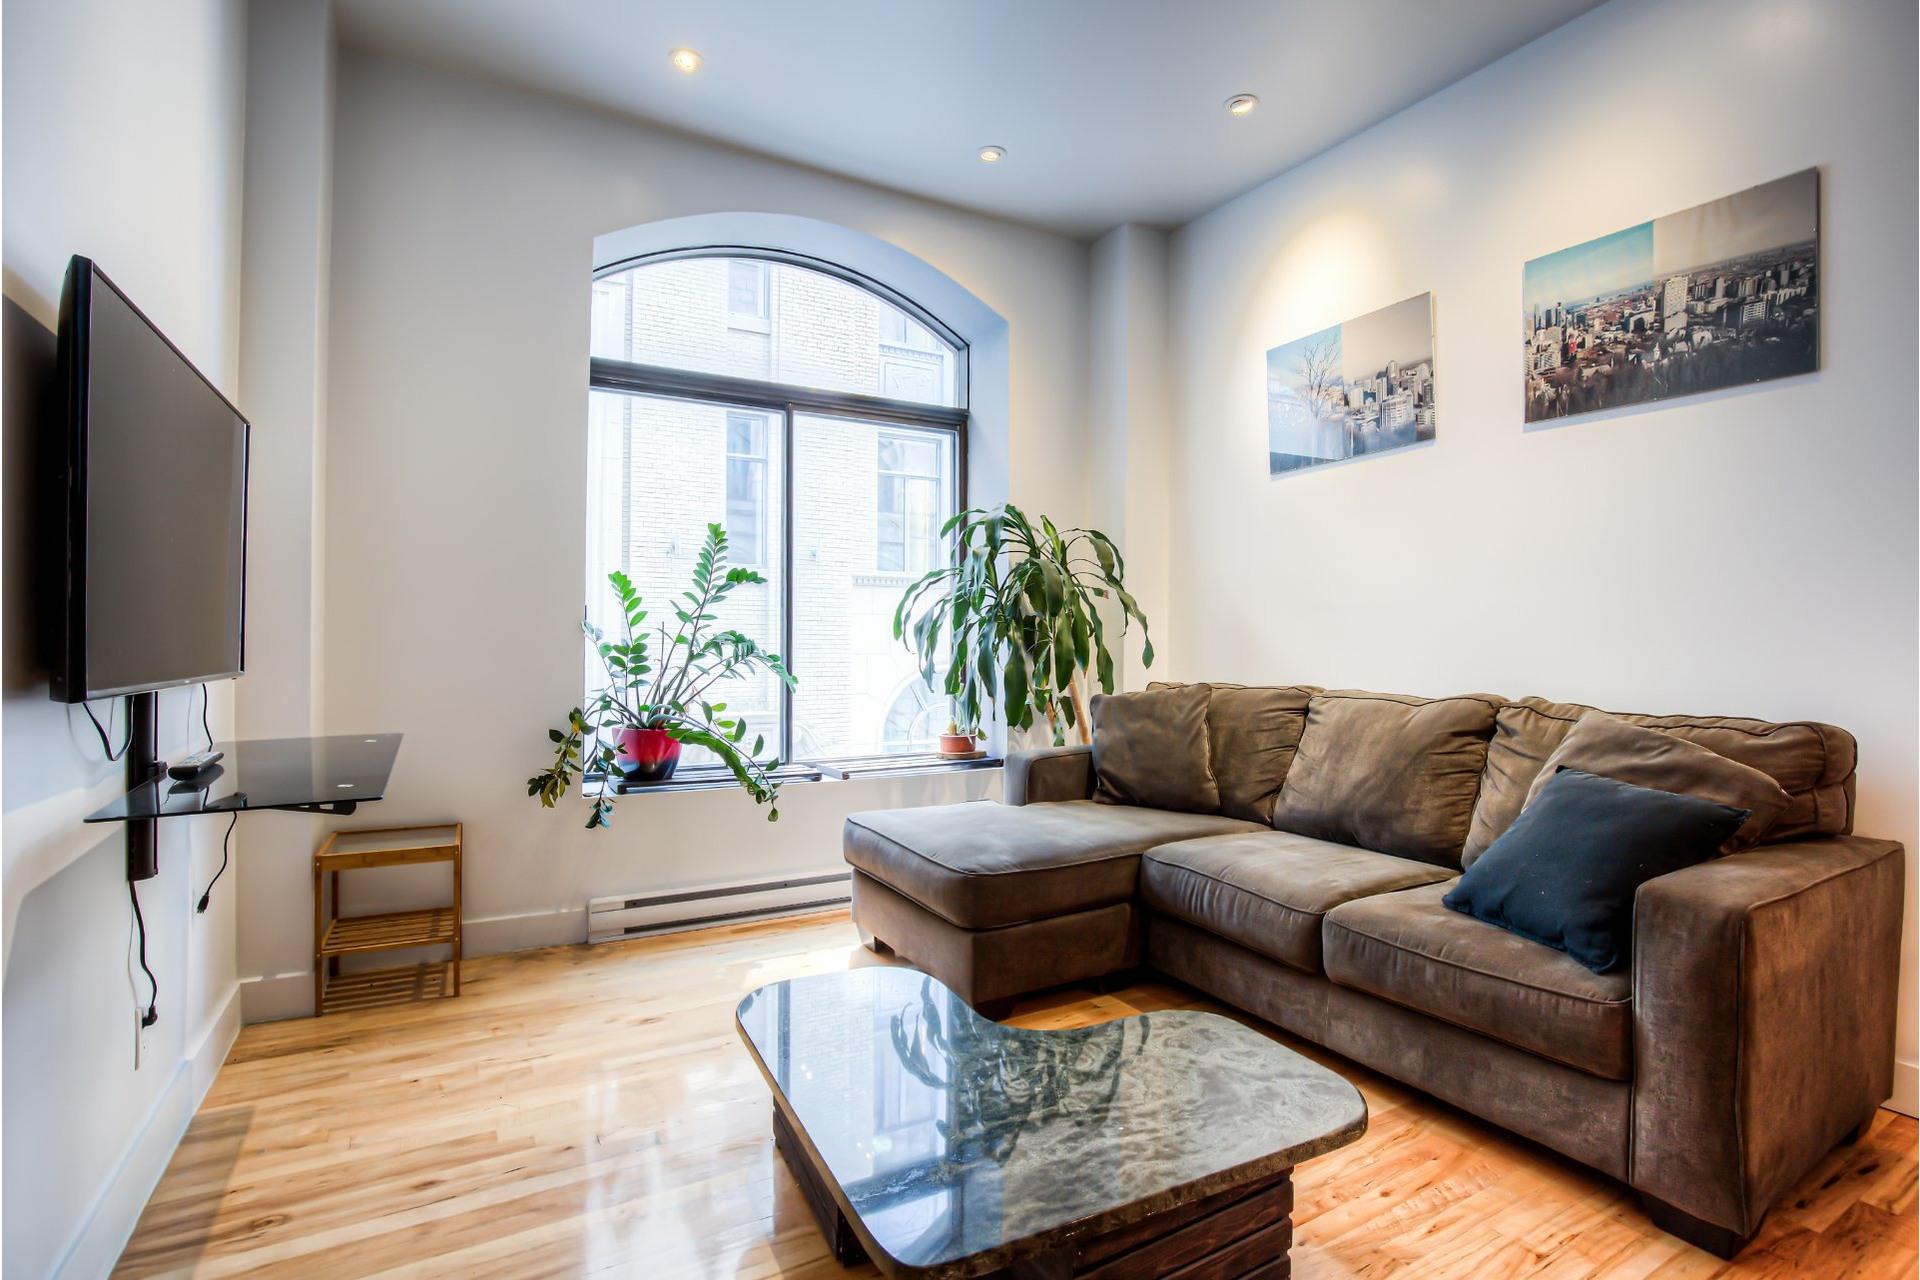 image 10 - Apartment For sale Ville-Marie Montréal  - 4 rooms